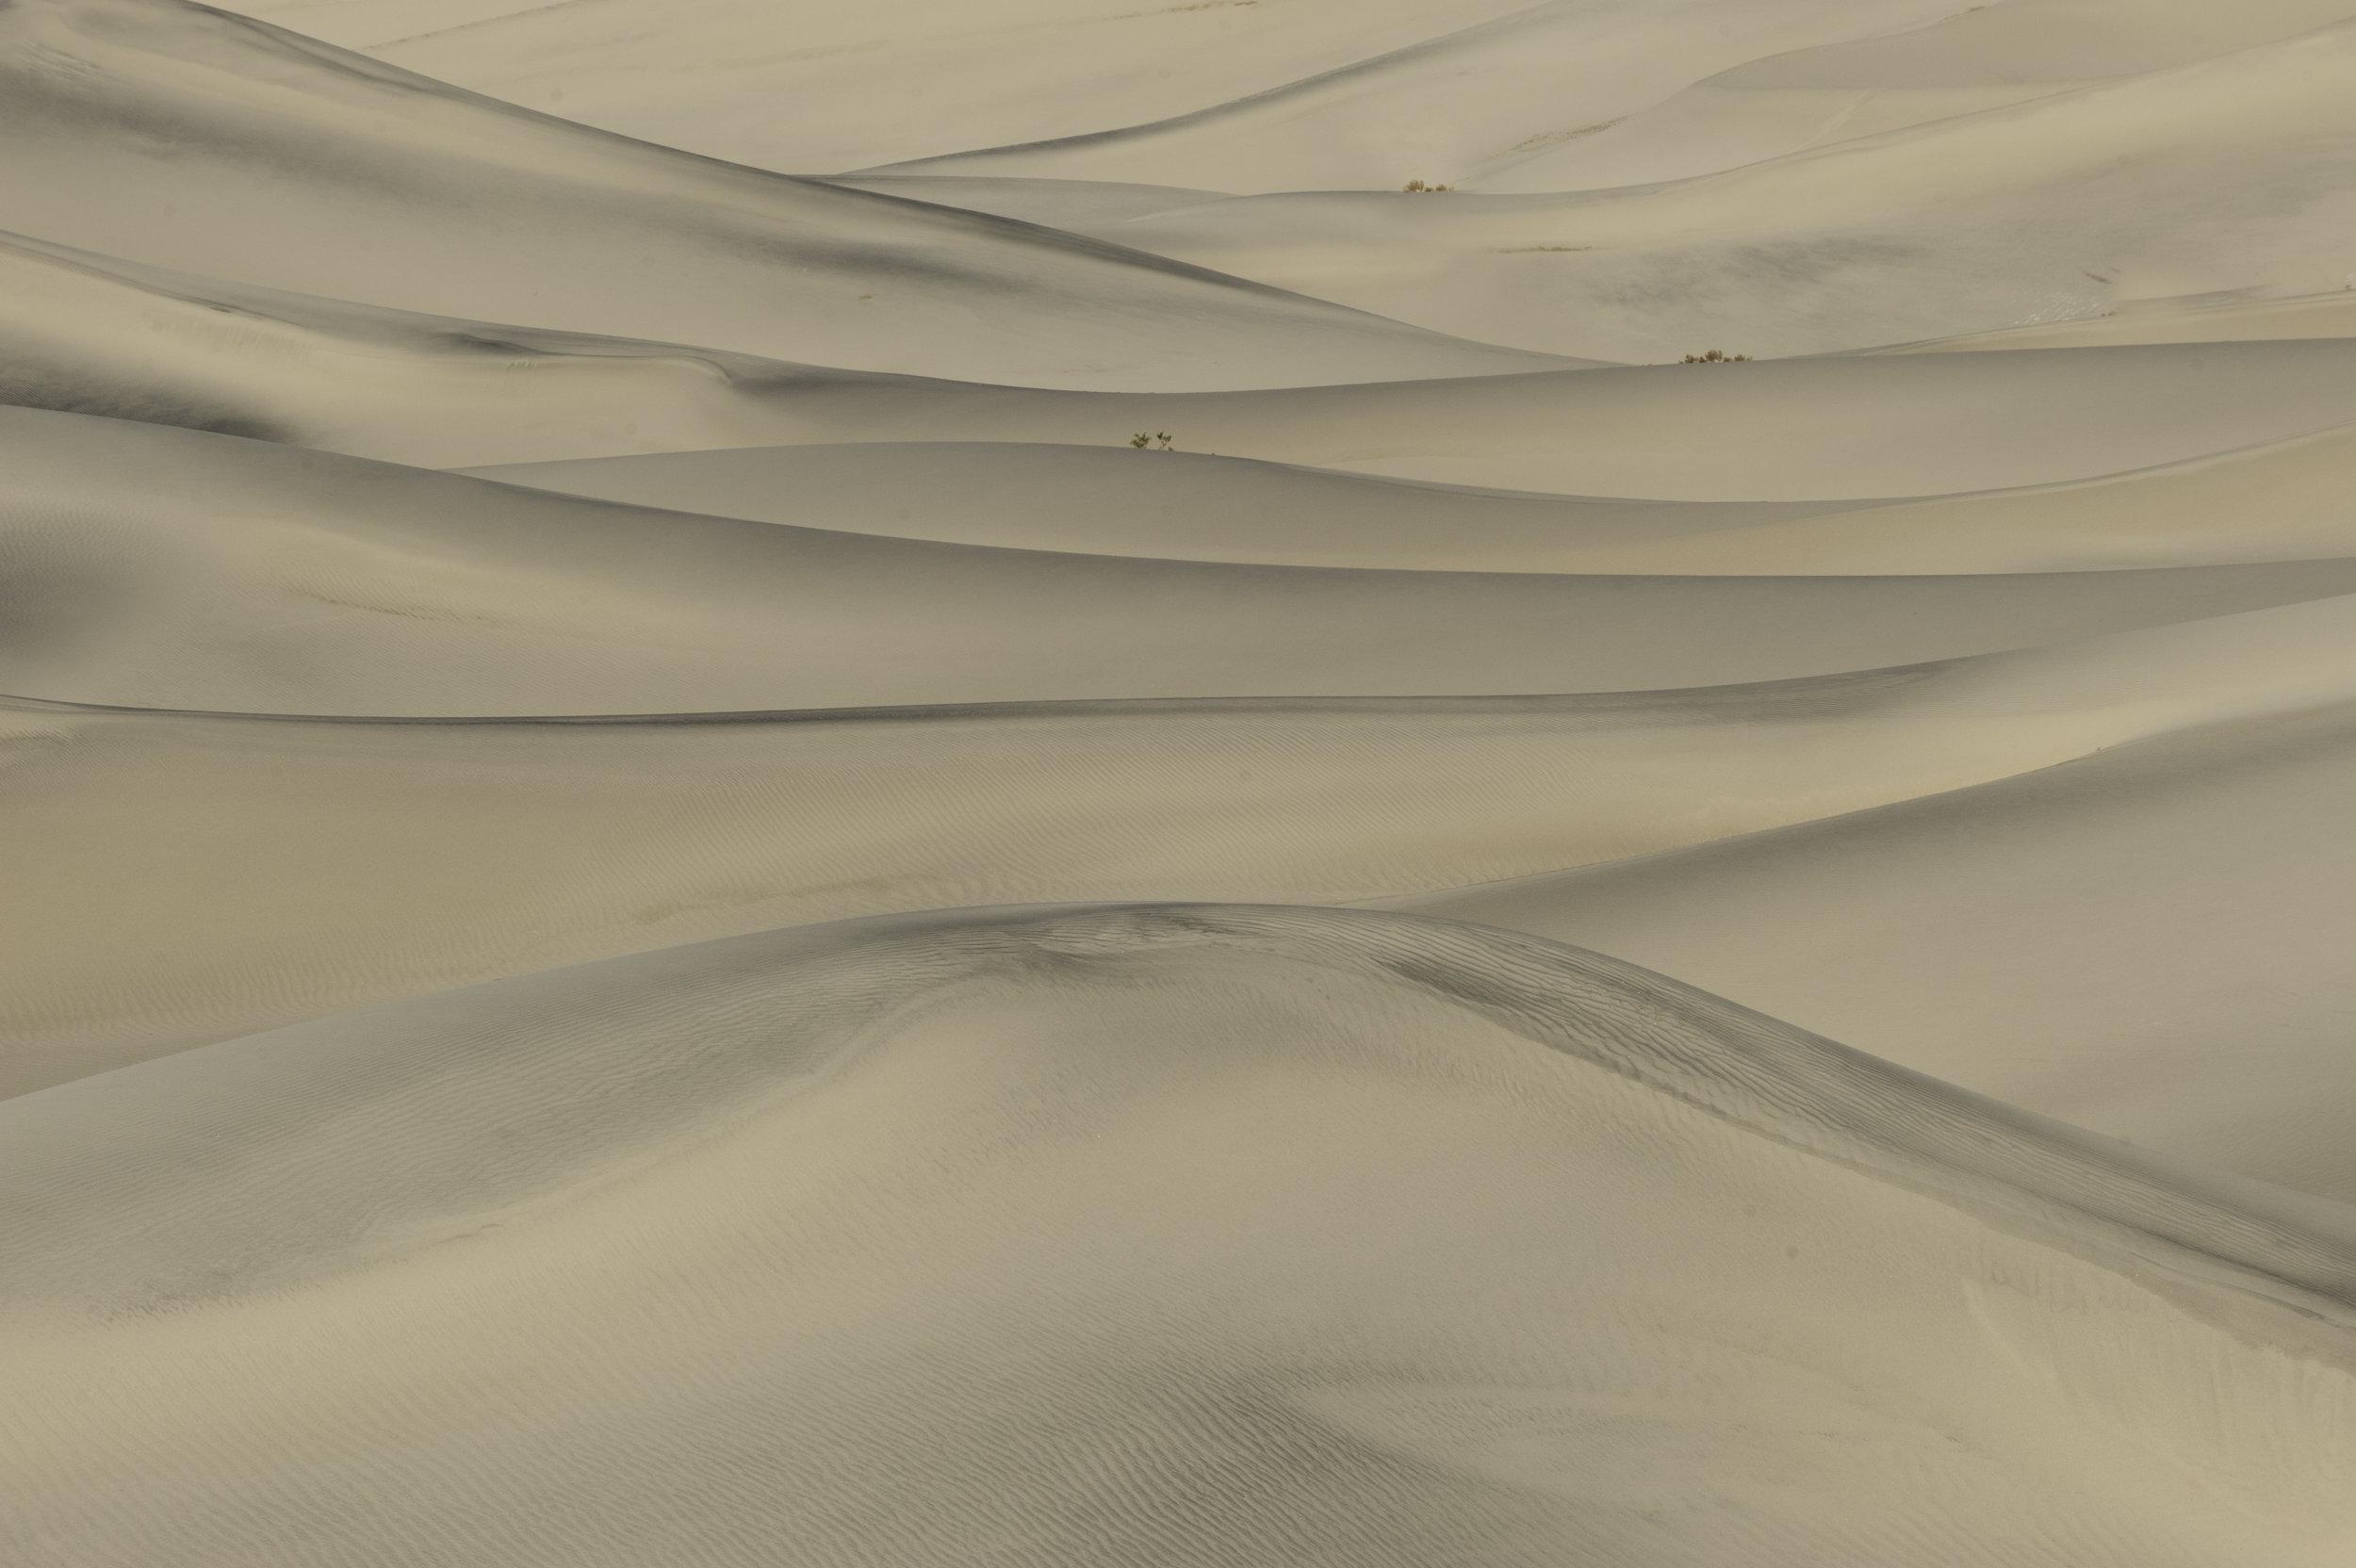 Tom Dwyer - Visionary Death Valley - Feb 2017